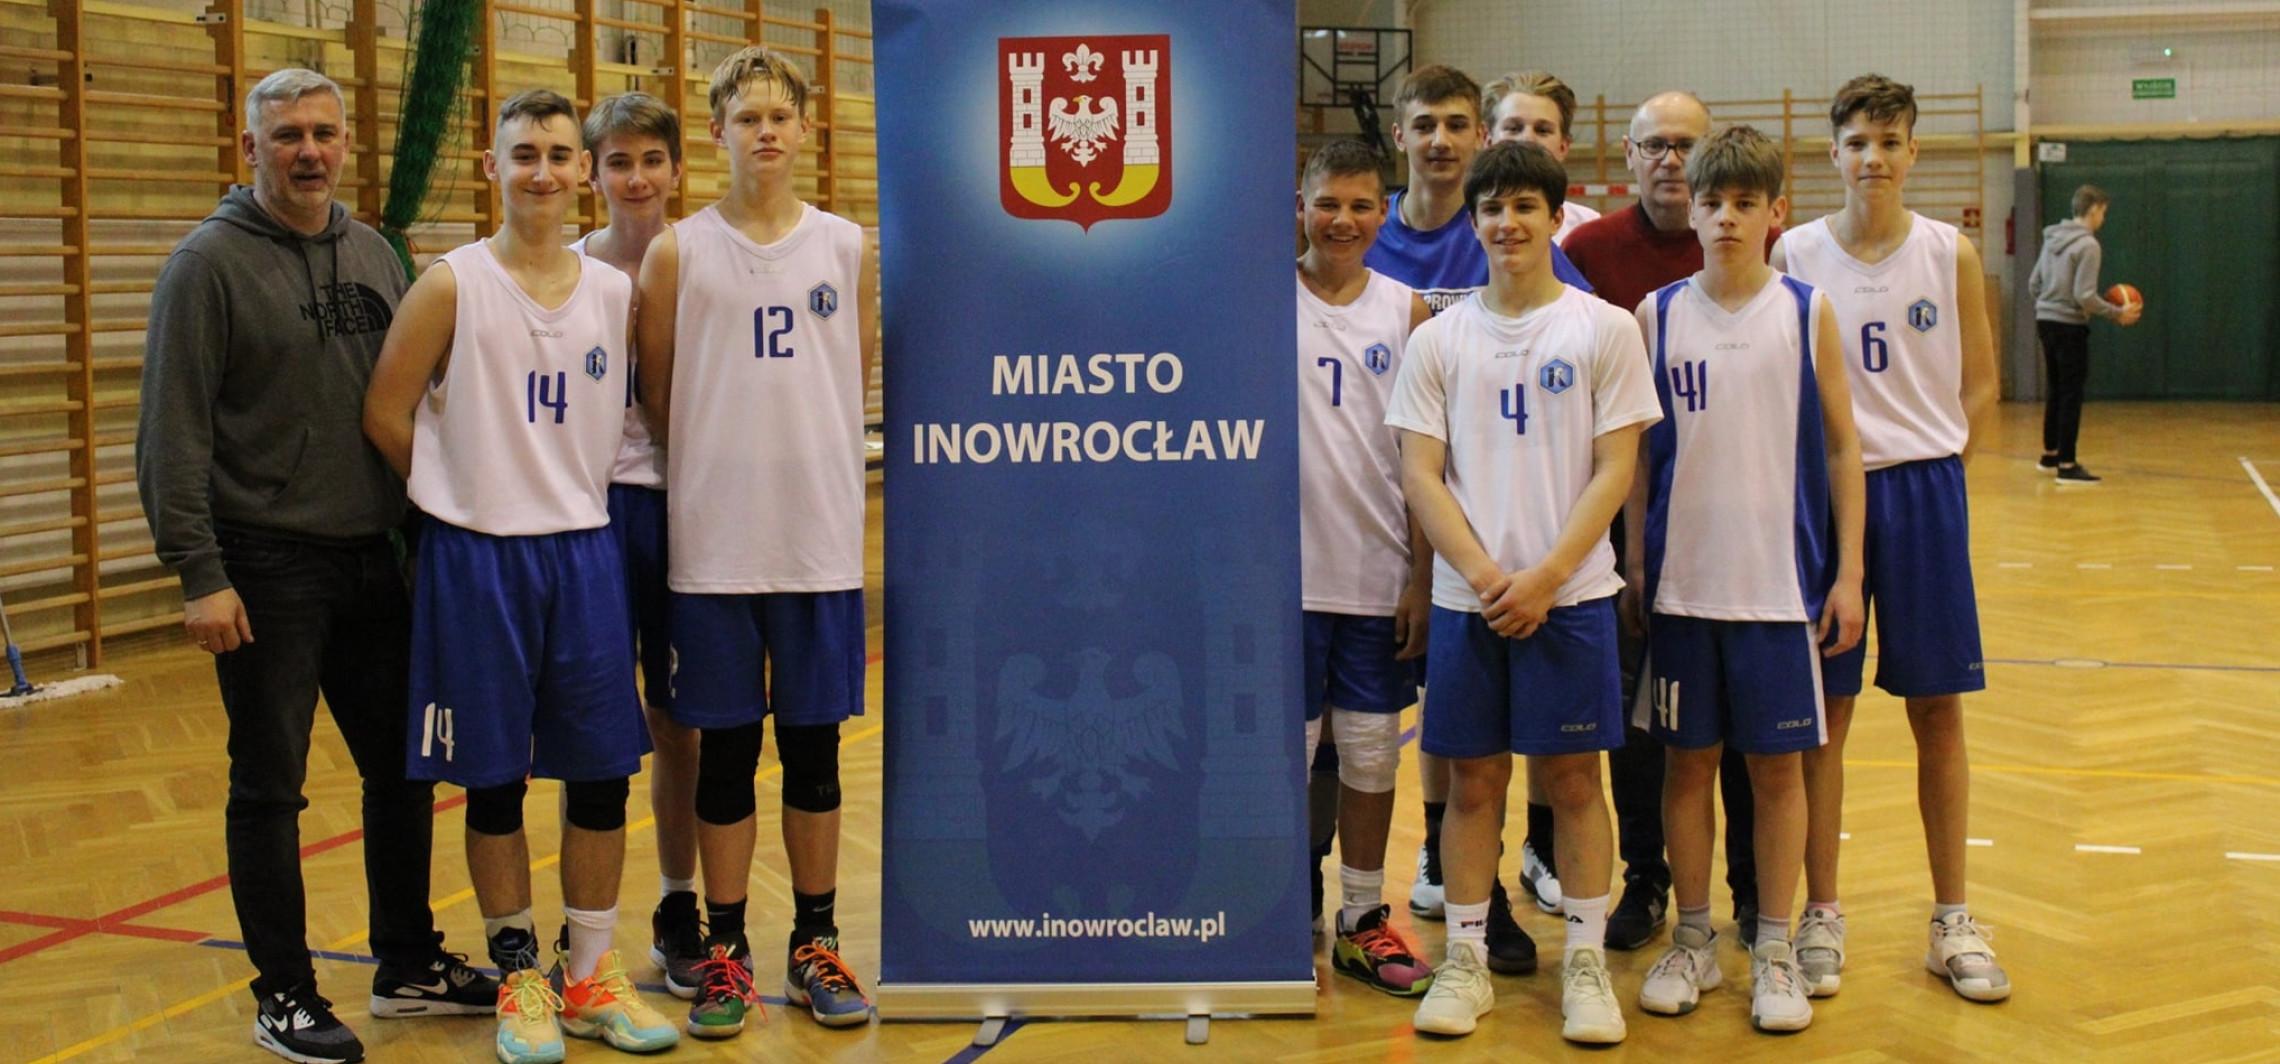 Inowrocław - Świetny występ i awans koszykarzy Kasprowicza